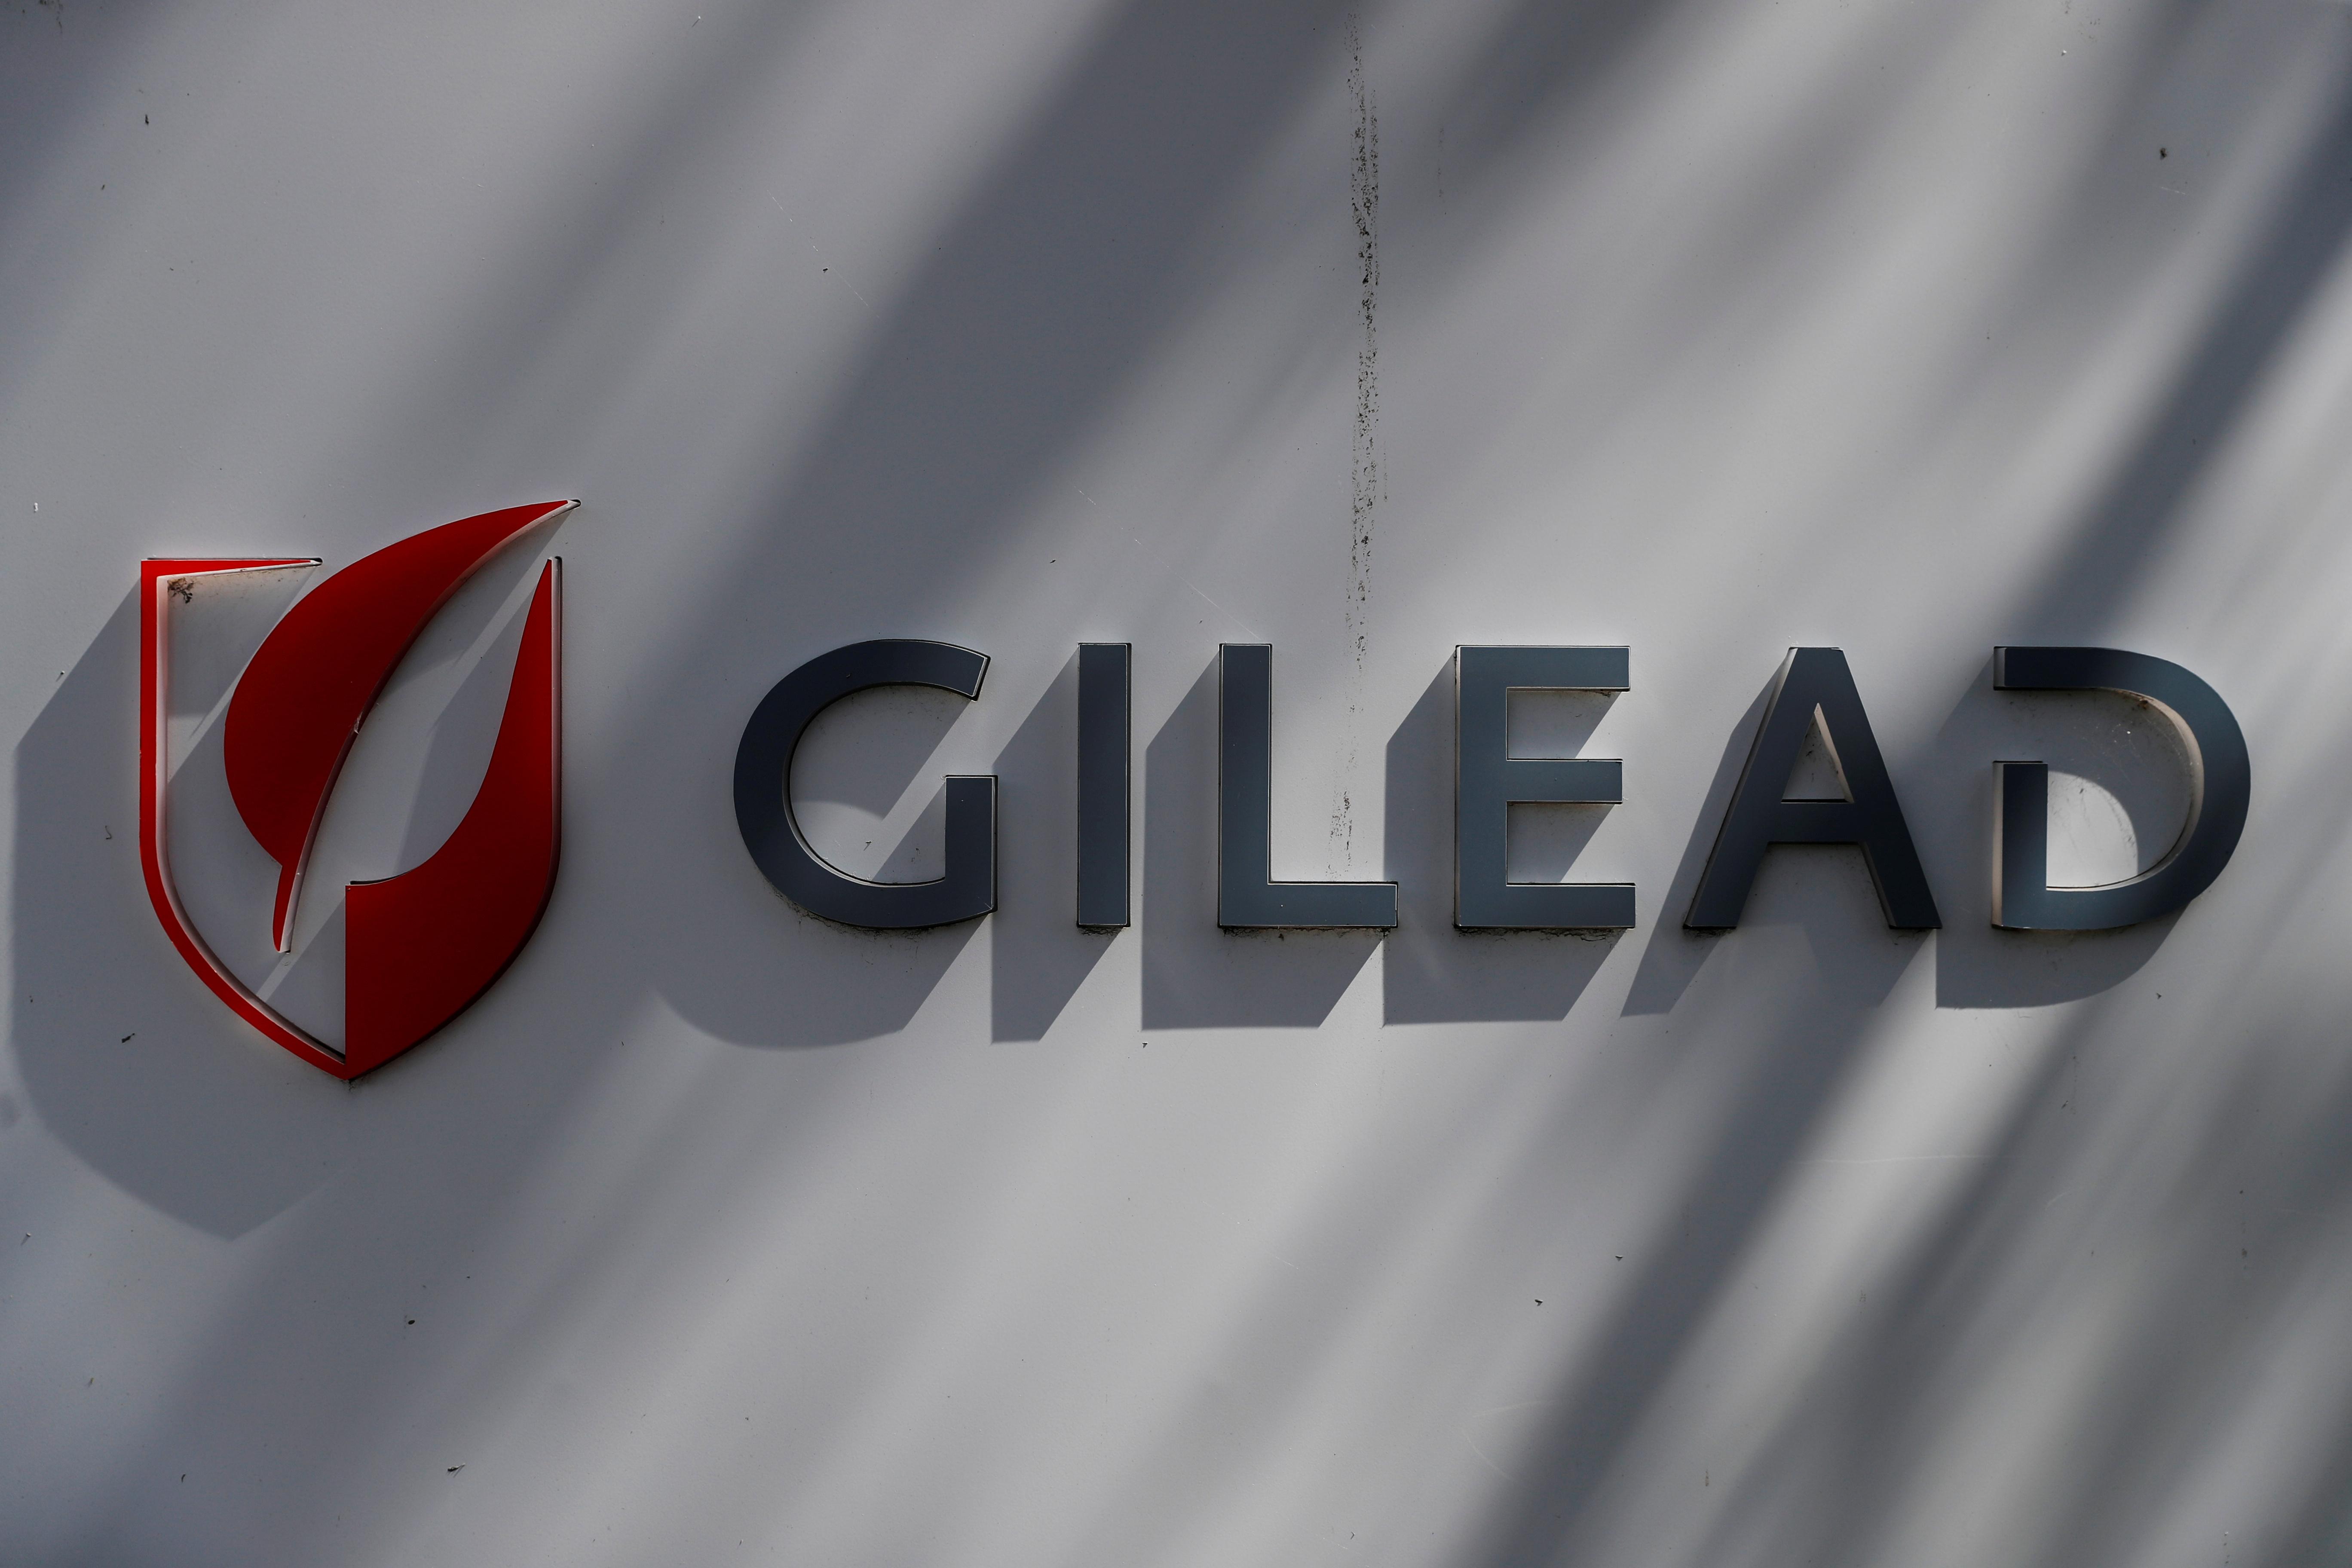 Covid-19 : le remdesivir vaut-il vraiment les 2.000 euros par traitement réclamés par Gilead ?